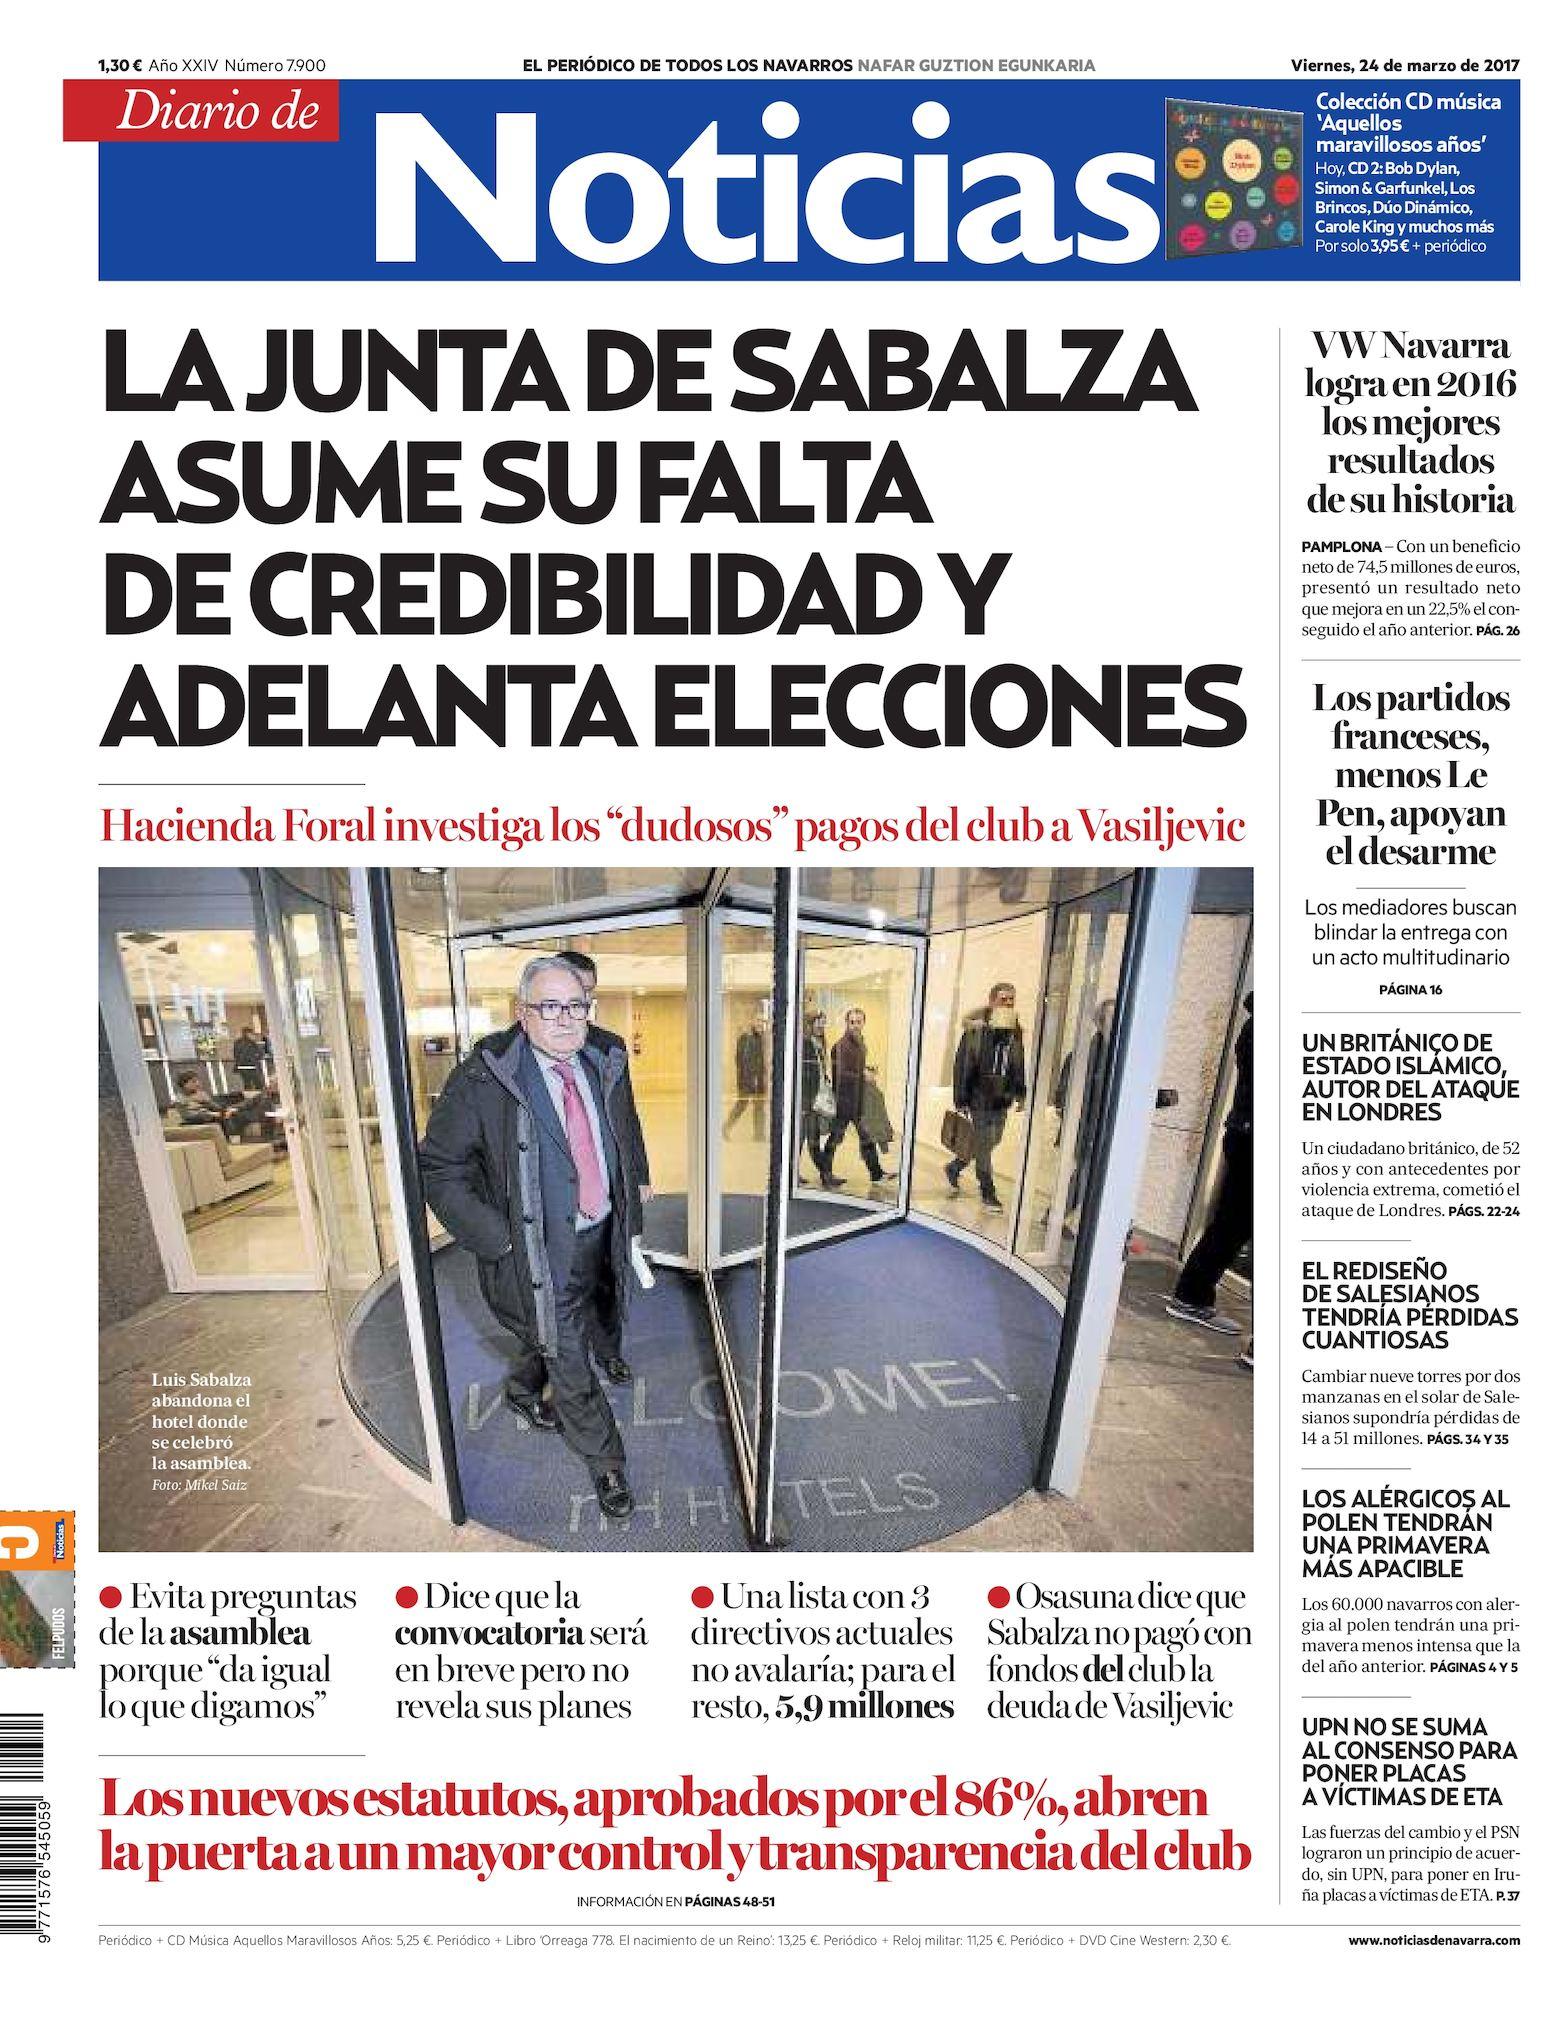 ae933ca5cfdd Calaméo - Diario de Noticias 20170324